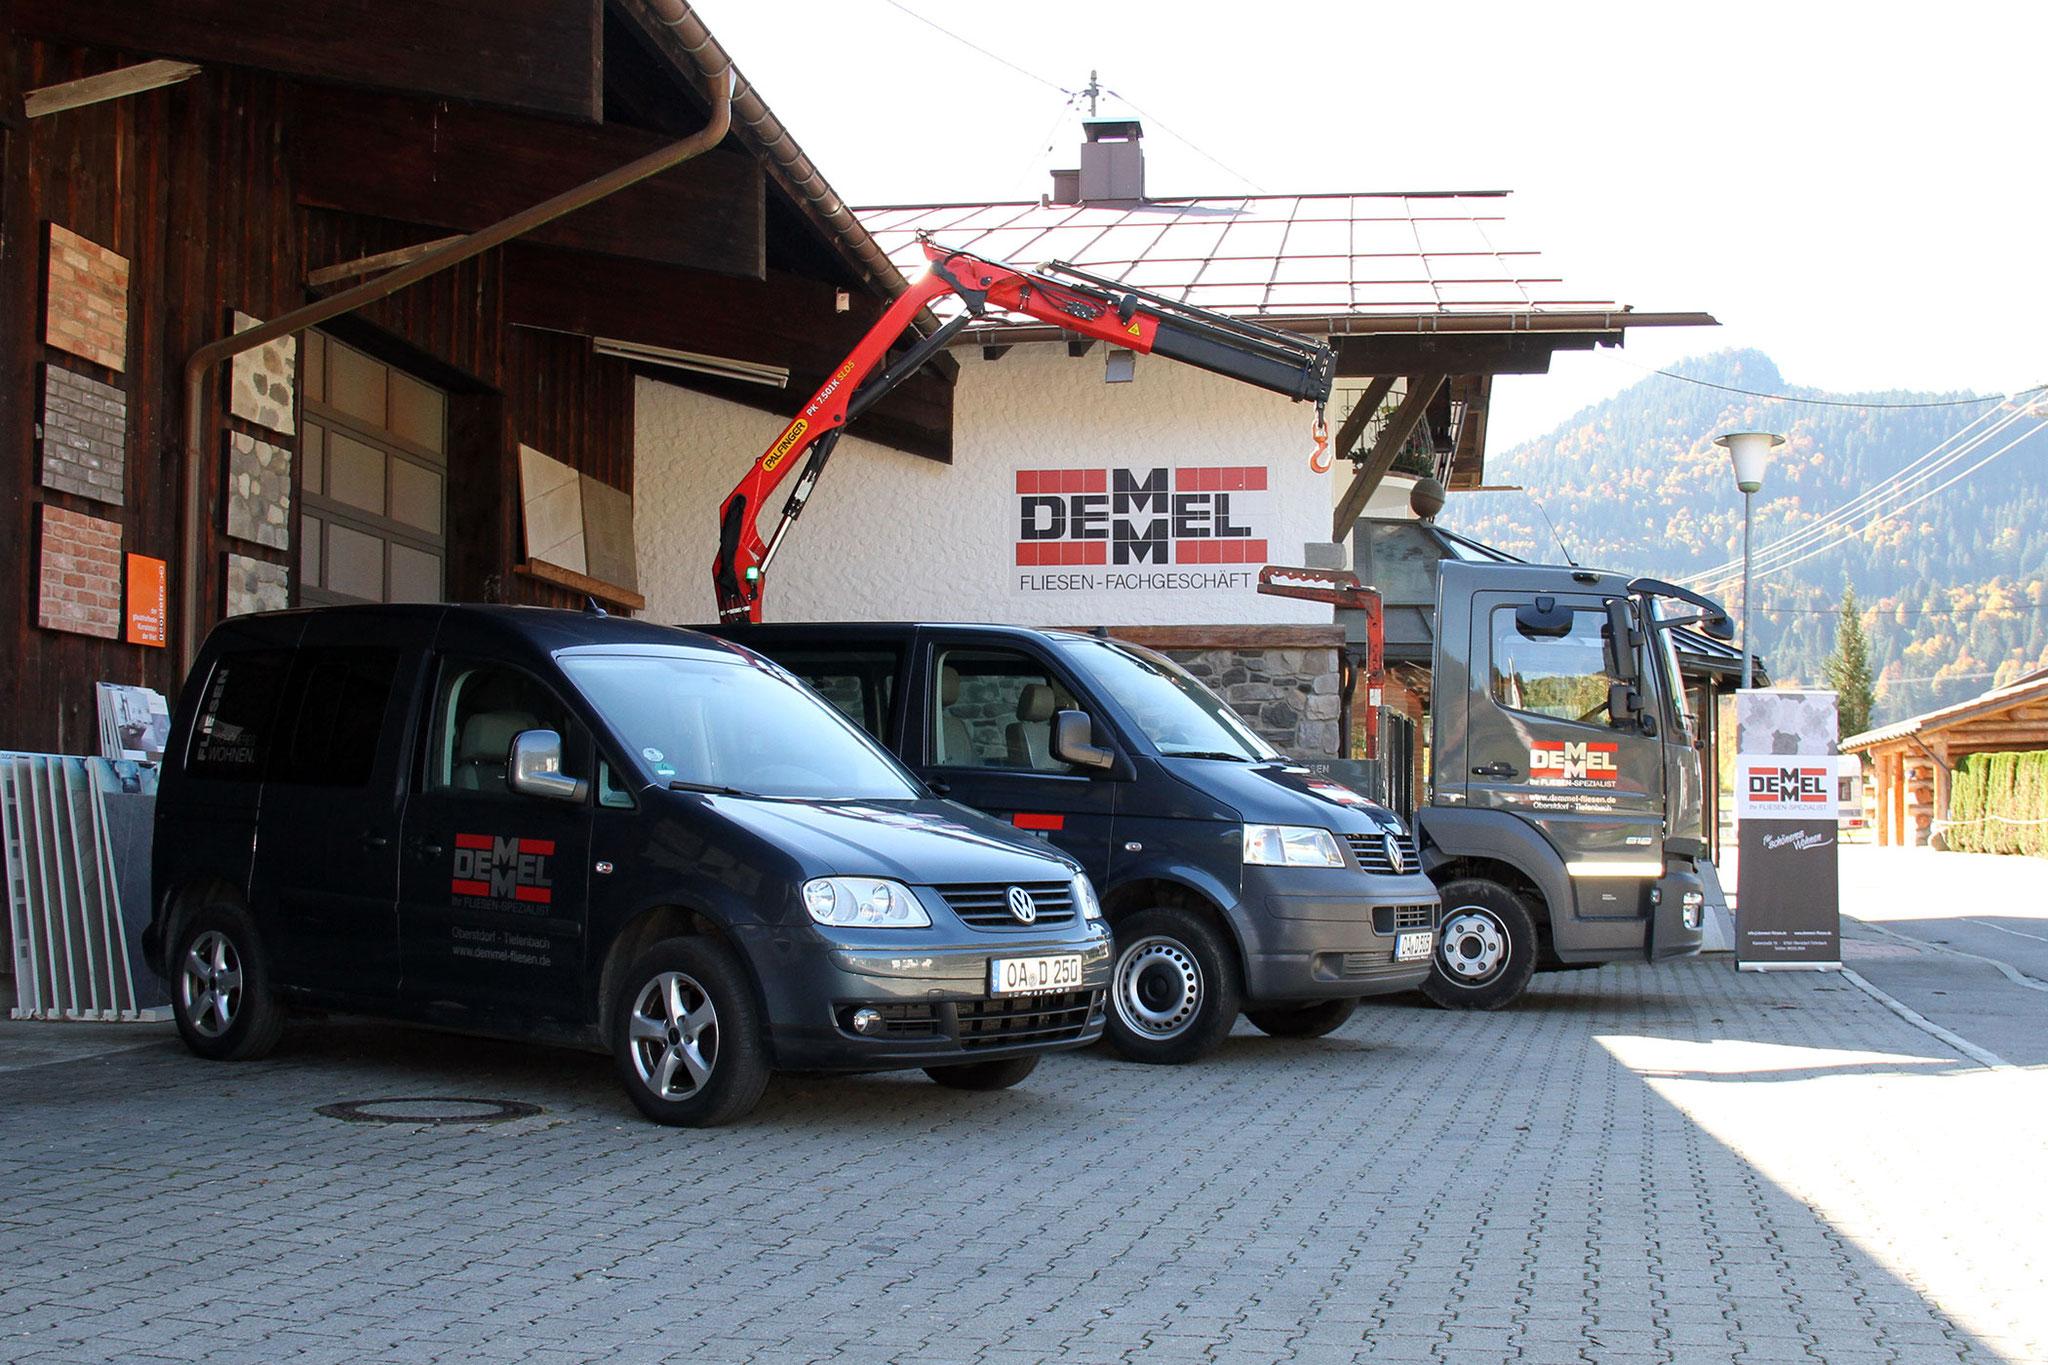 Fliesen Demmel, Fliesen für schöneres Wohnen, Fliesen Oberstdorf, Tiefenbach, Allgäu